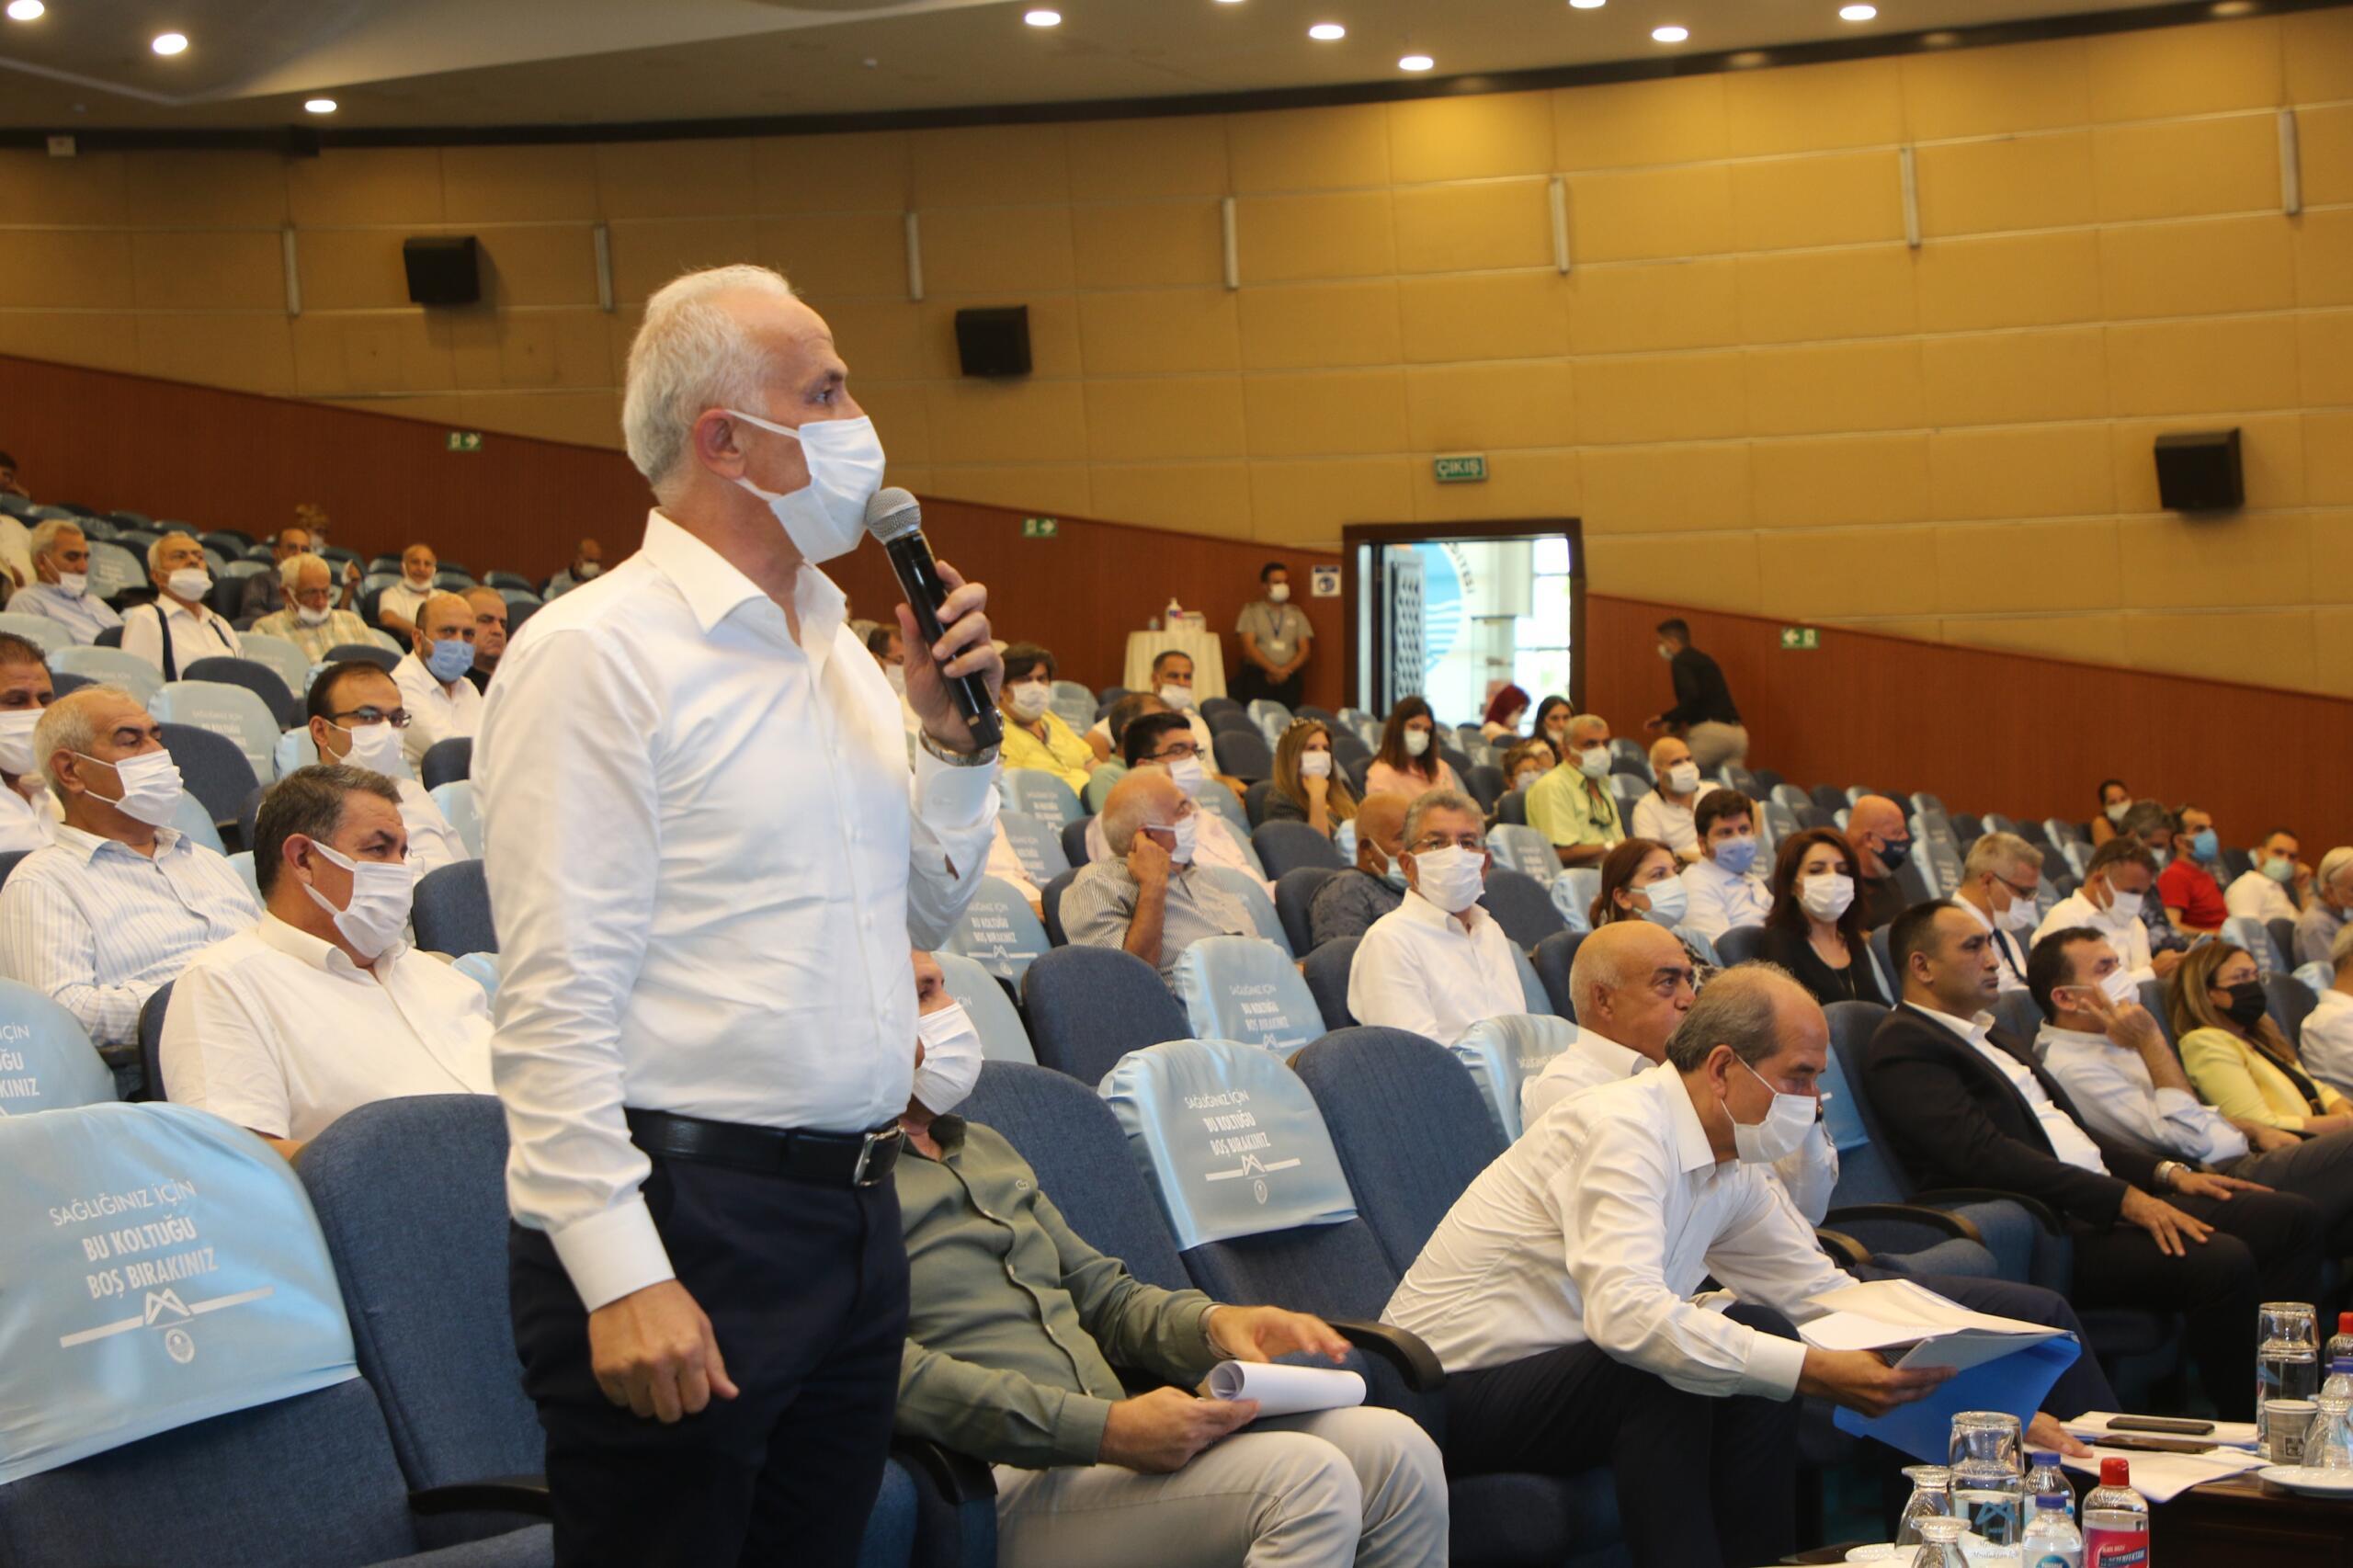 Akdeniz Belediye Başkanı, Büyükşehir Belediyesi Meclis Toplantısında çağrıda bulundu;